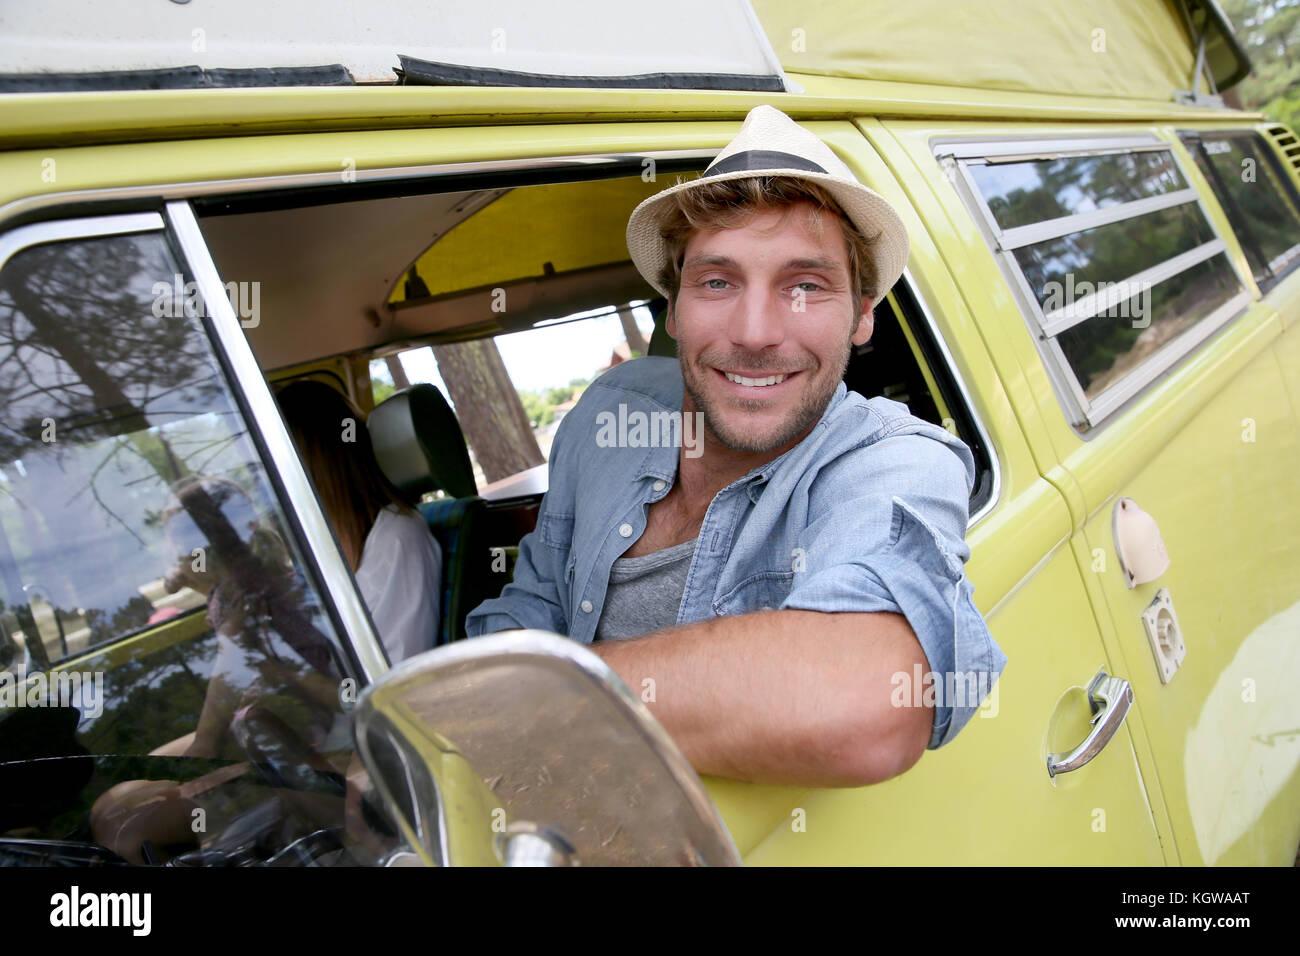 Montando un chico de moda vintage autocaravana Imagen De Stock